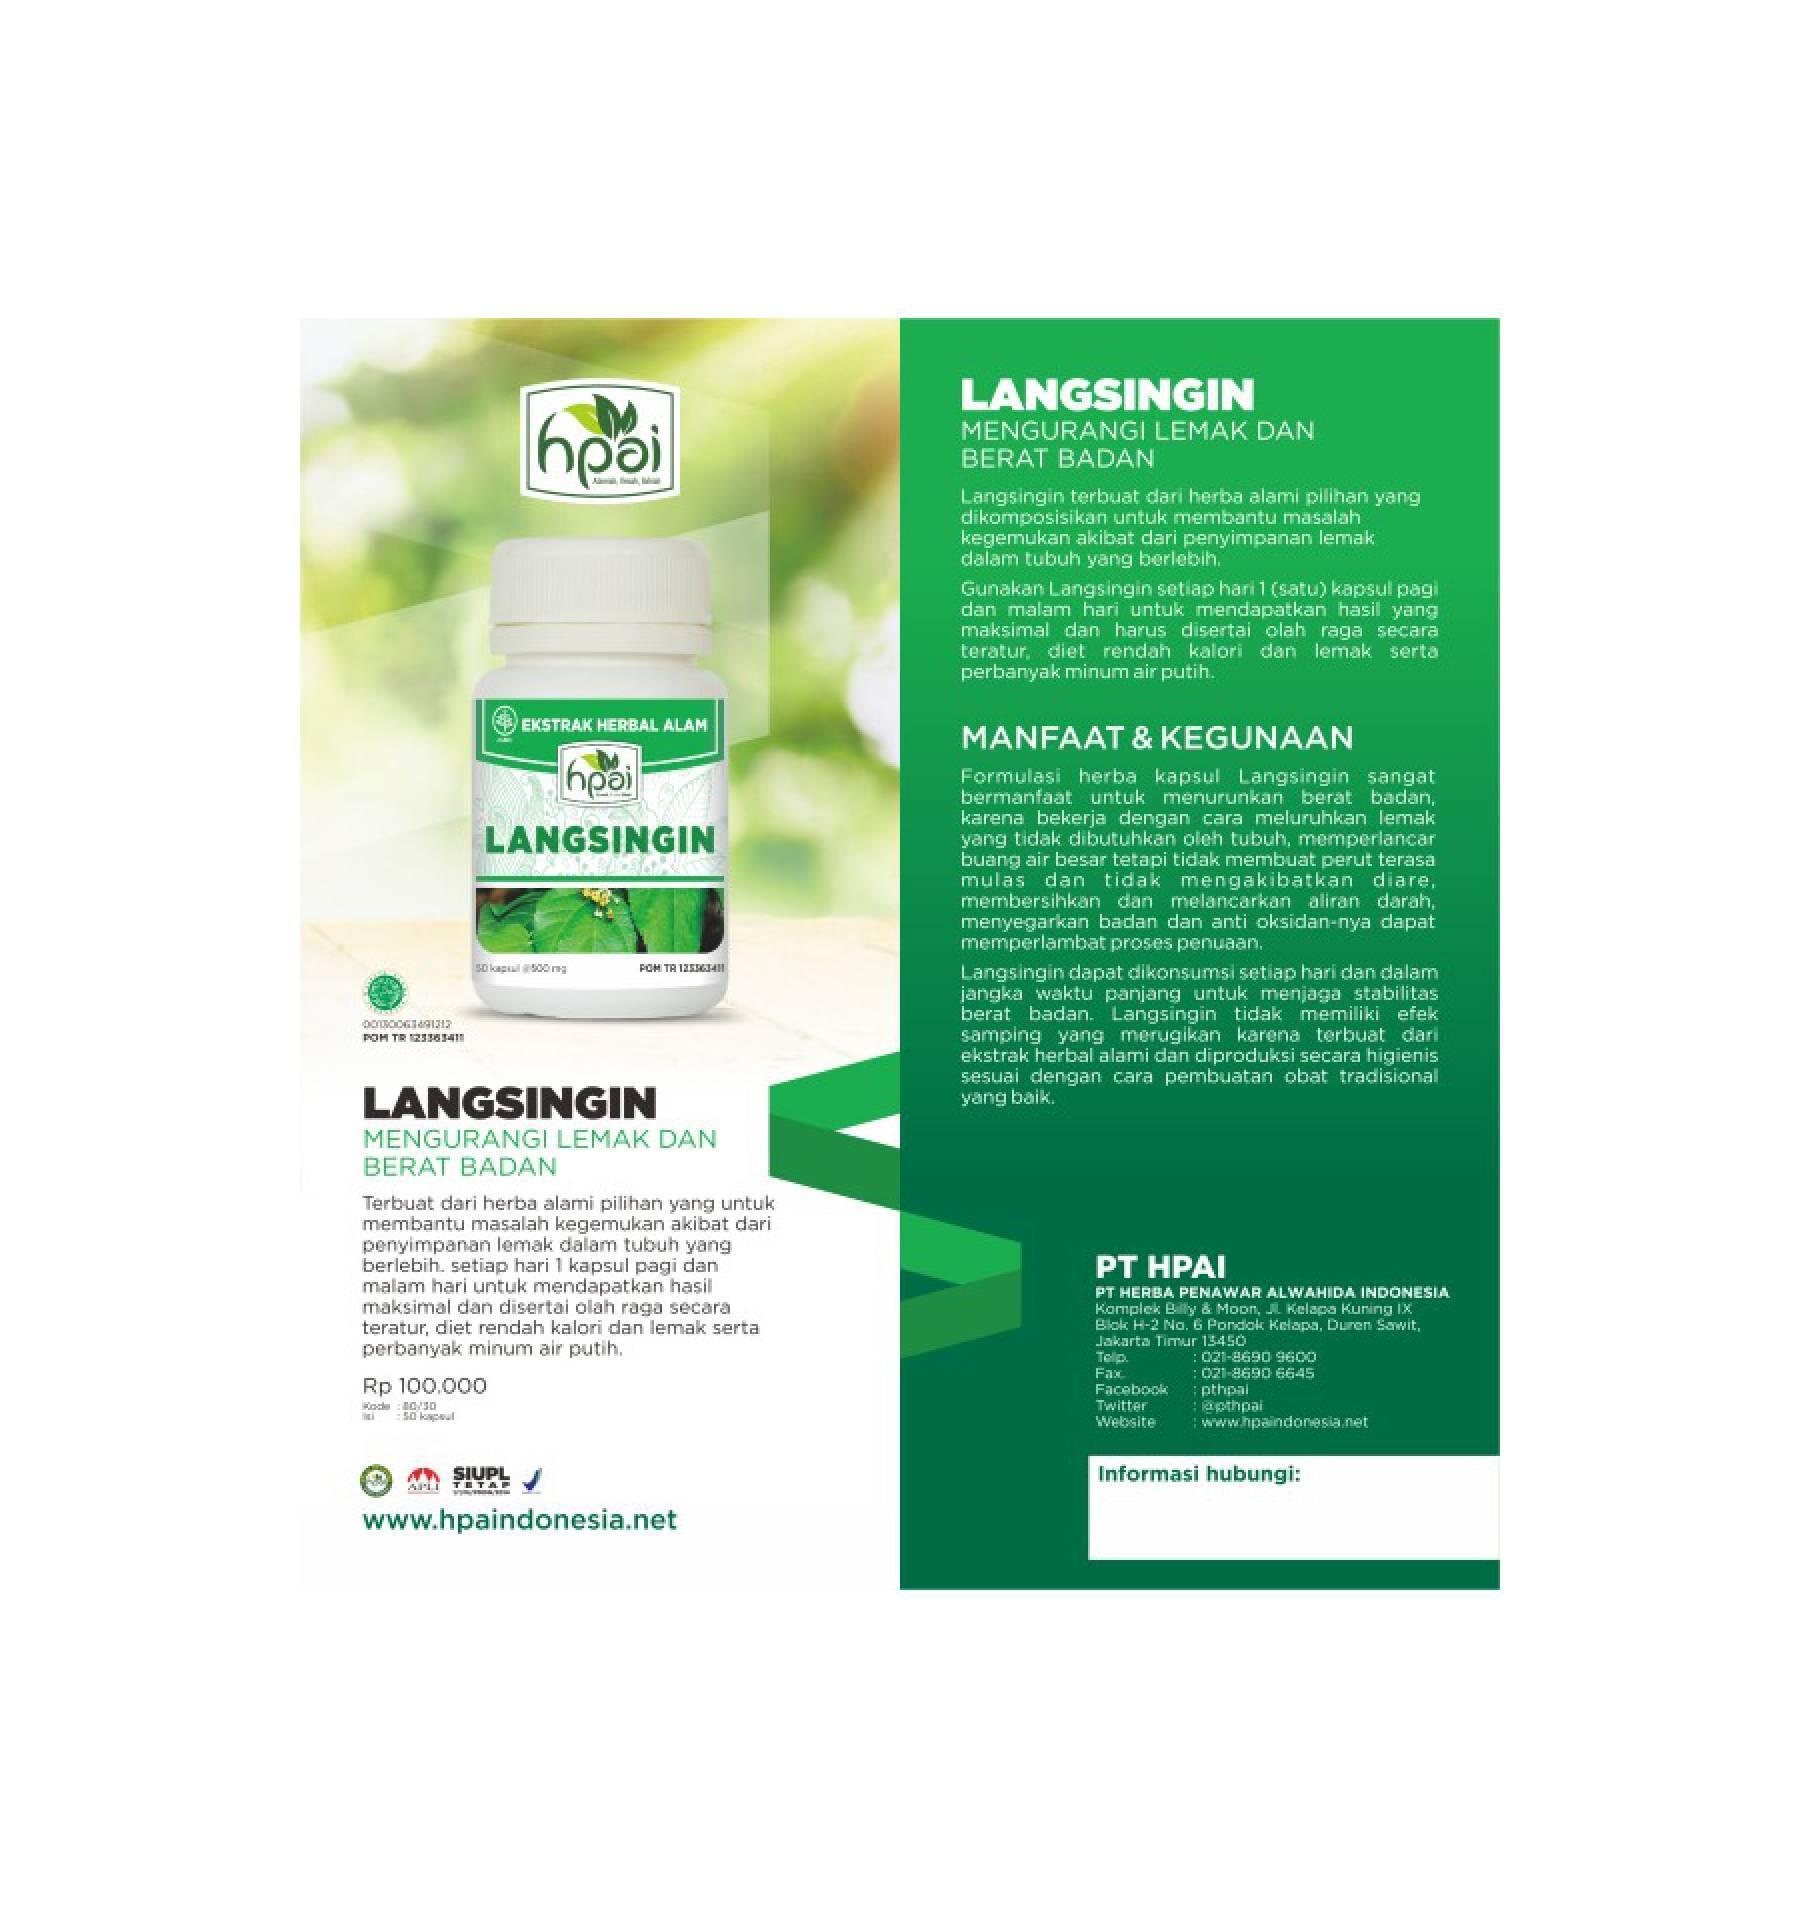 Buy Sell Cheapest Langsingin Herbal Pelangsing Best Quality Hni Hpai Diet Kegemukan Aman Sehat Bpom